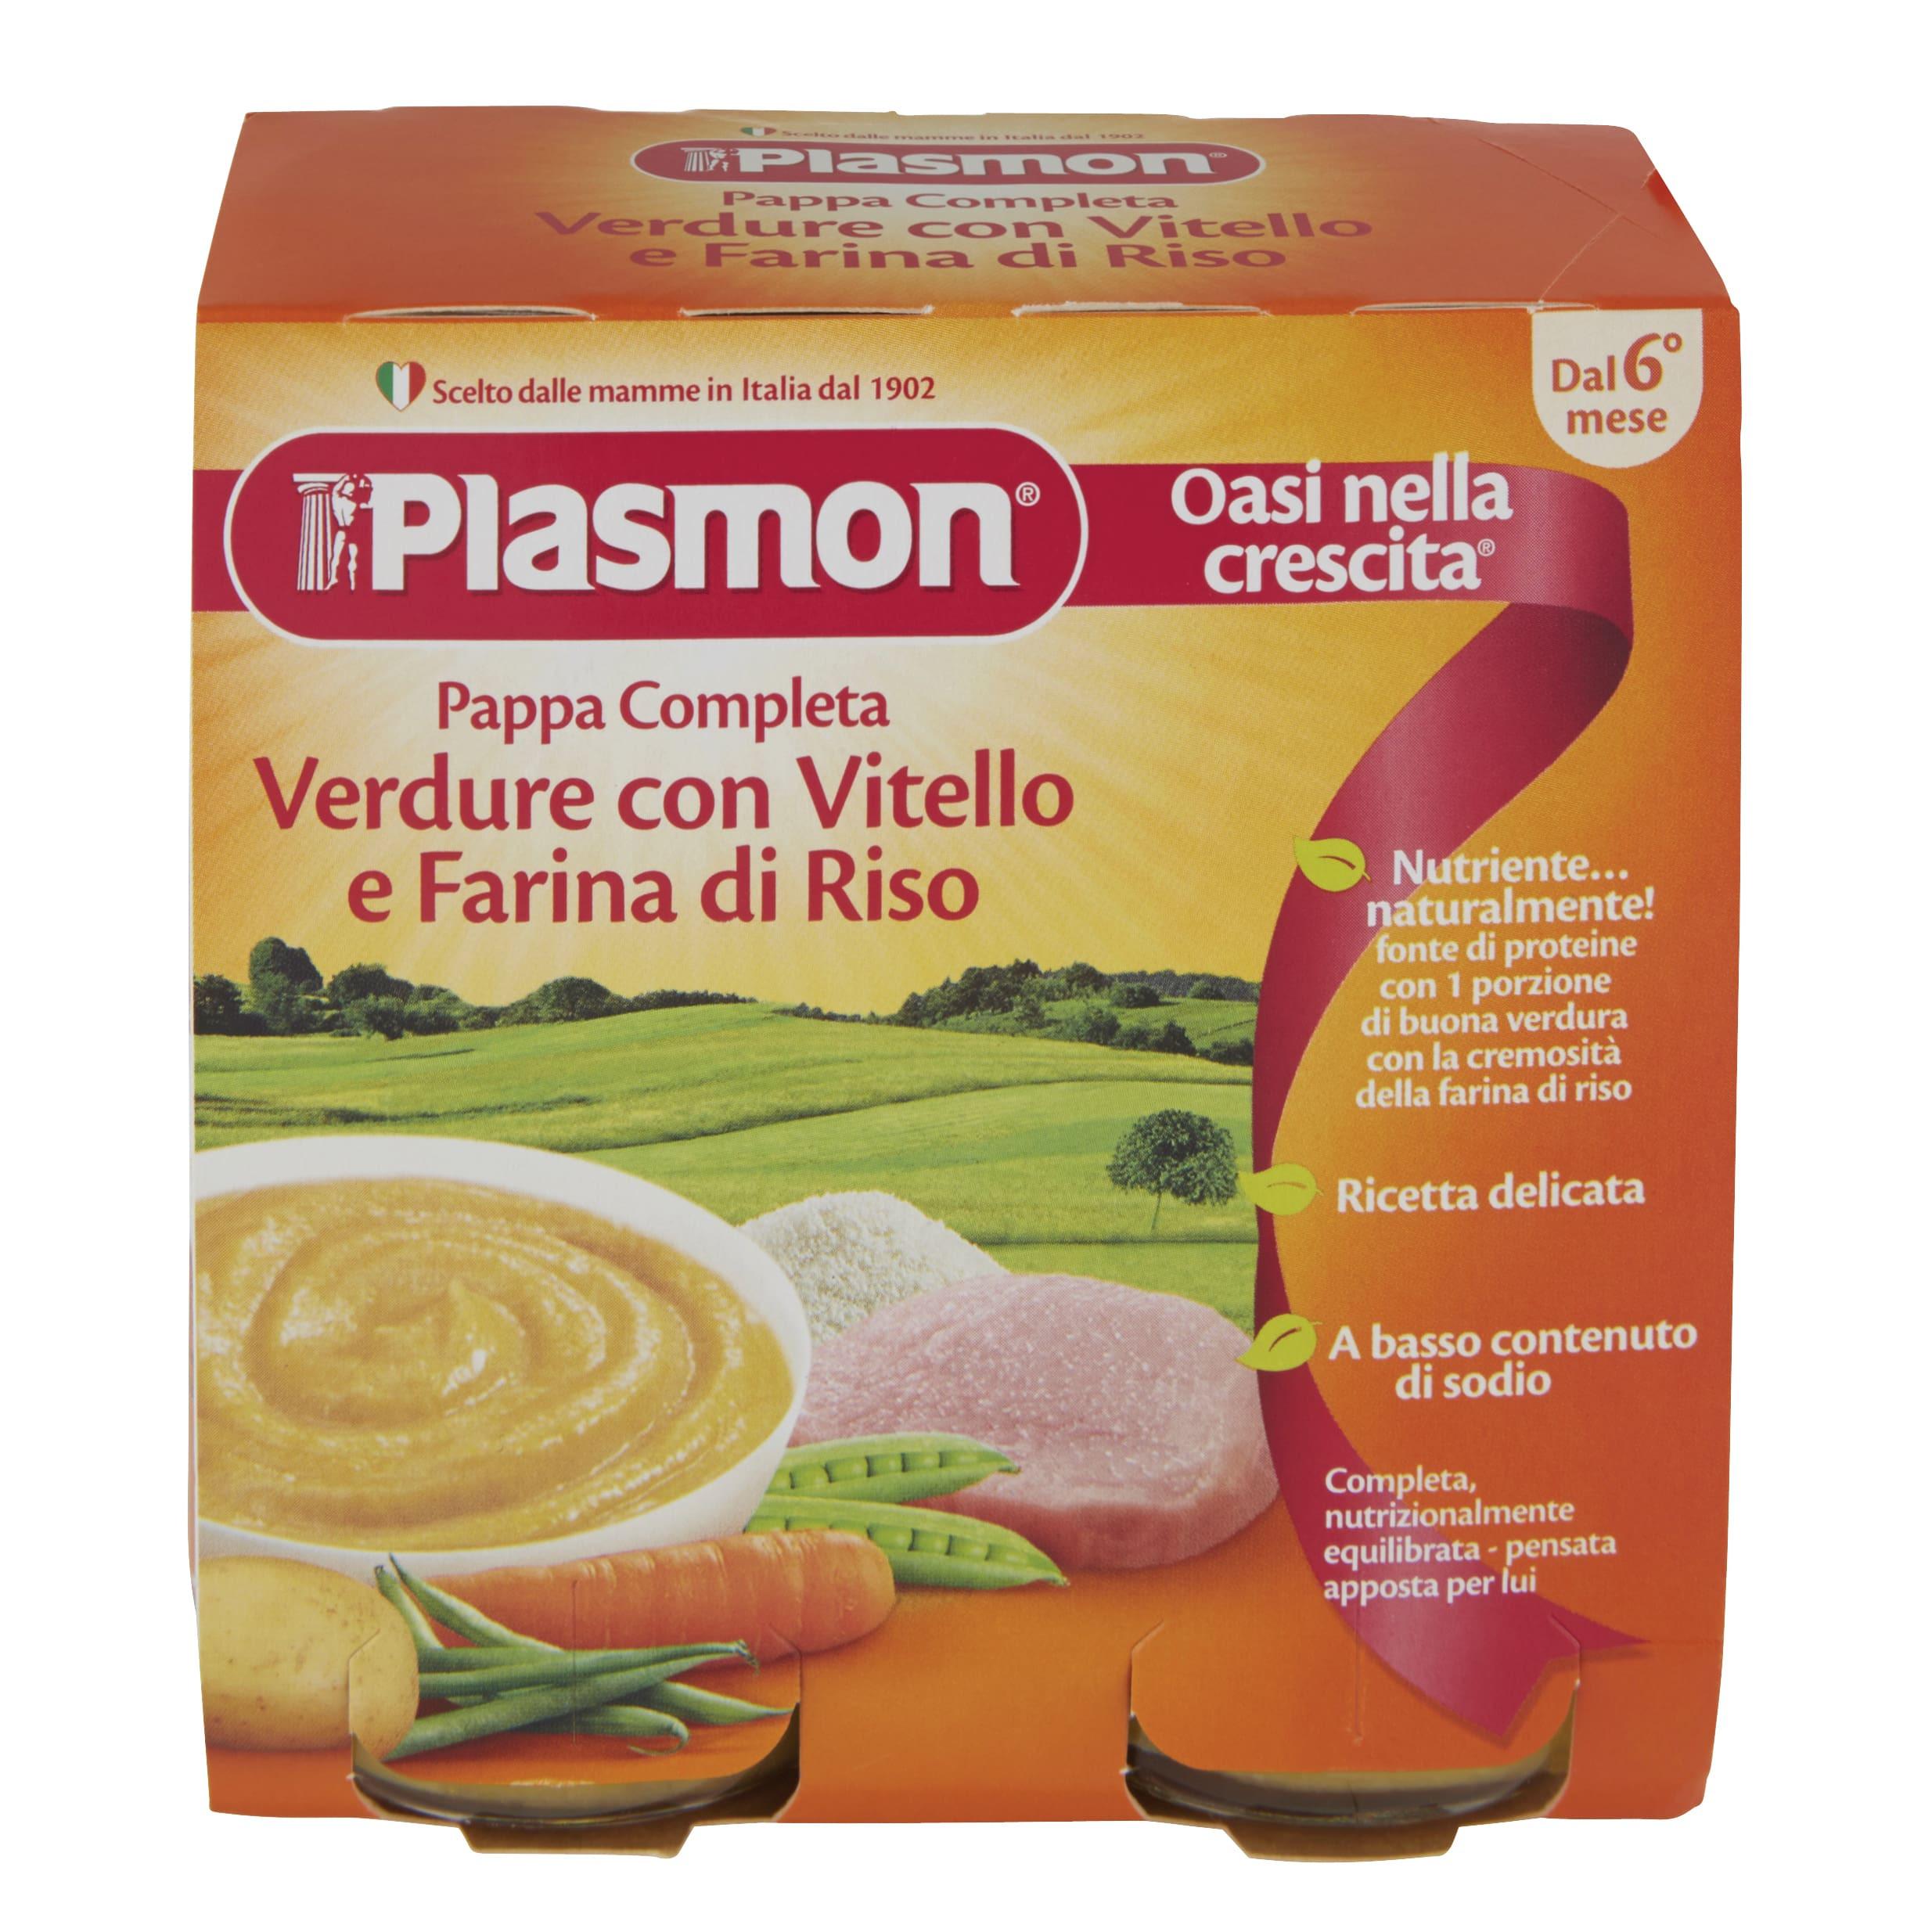 Pappa Completa Plasmon - Verdure con Vitello e Farina di Riso